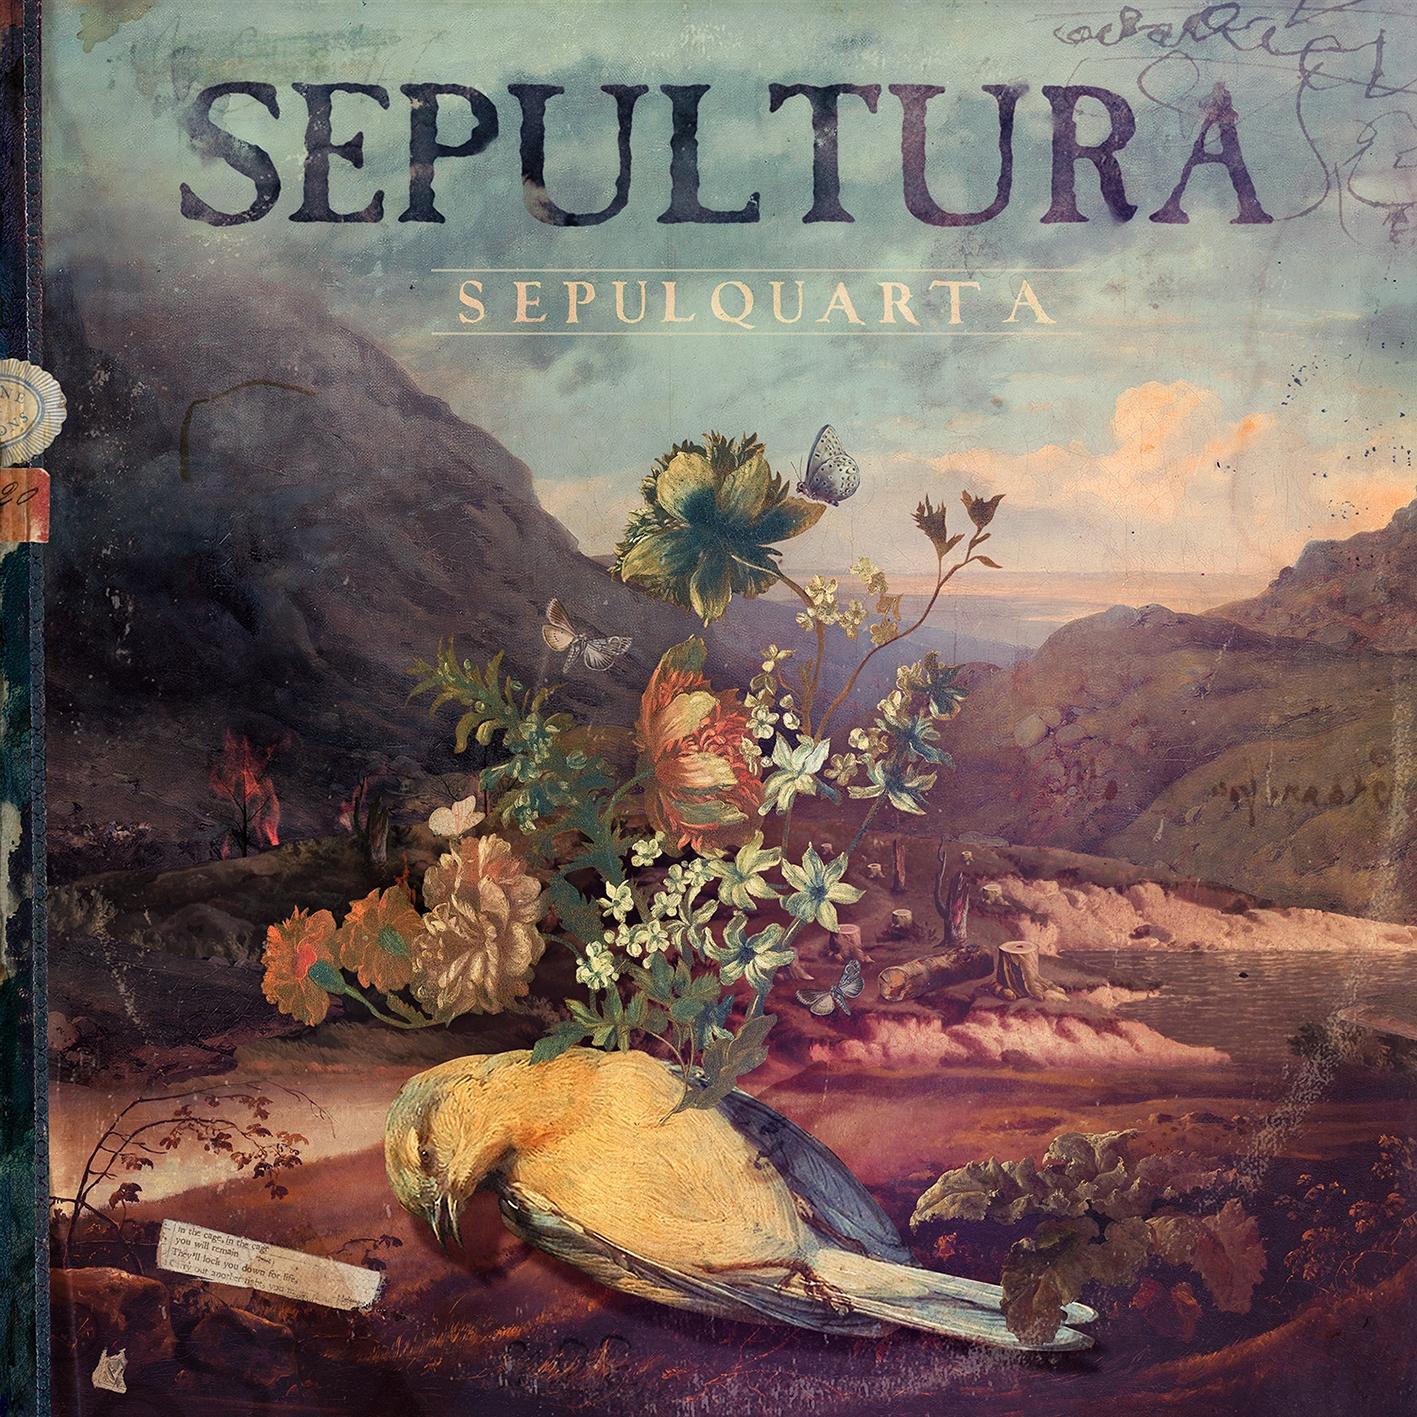 sepultura-sepulquarta-ein-album-review